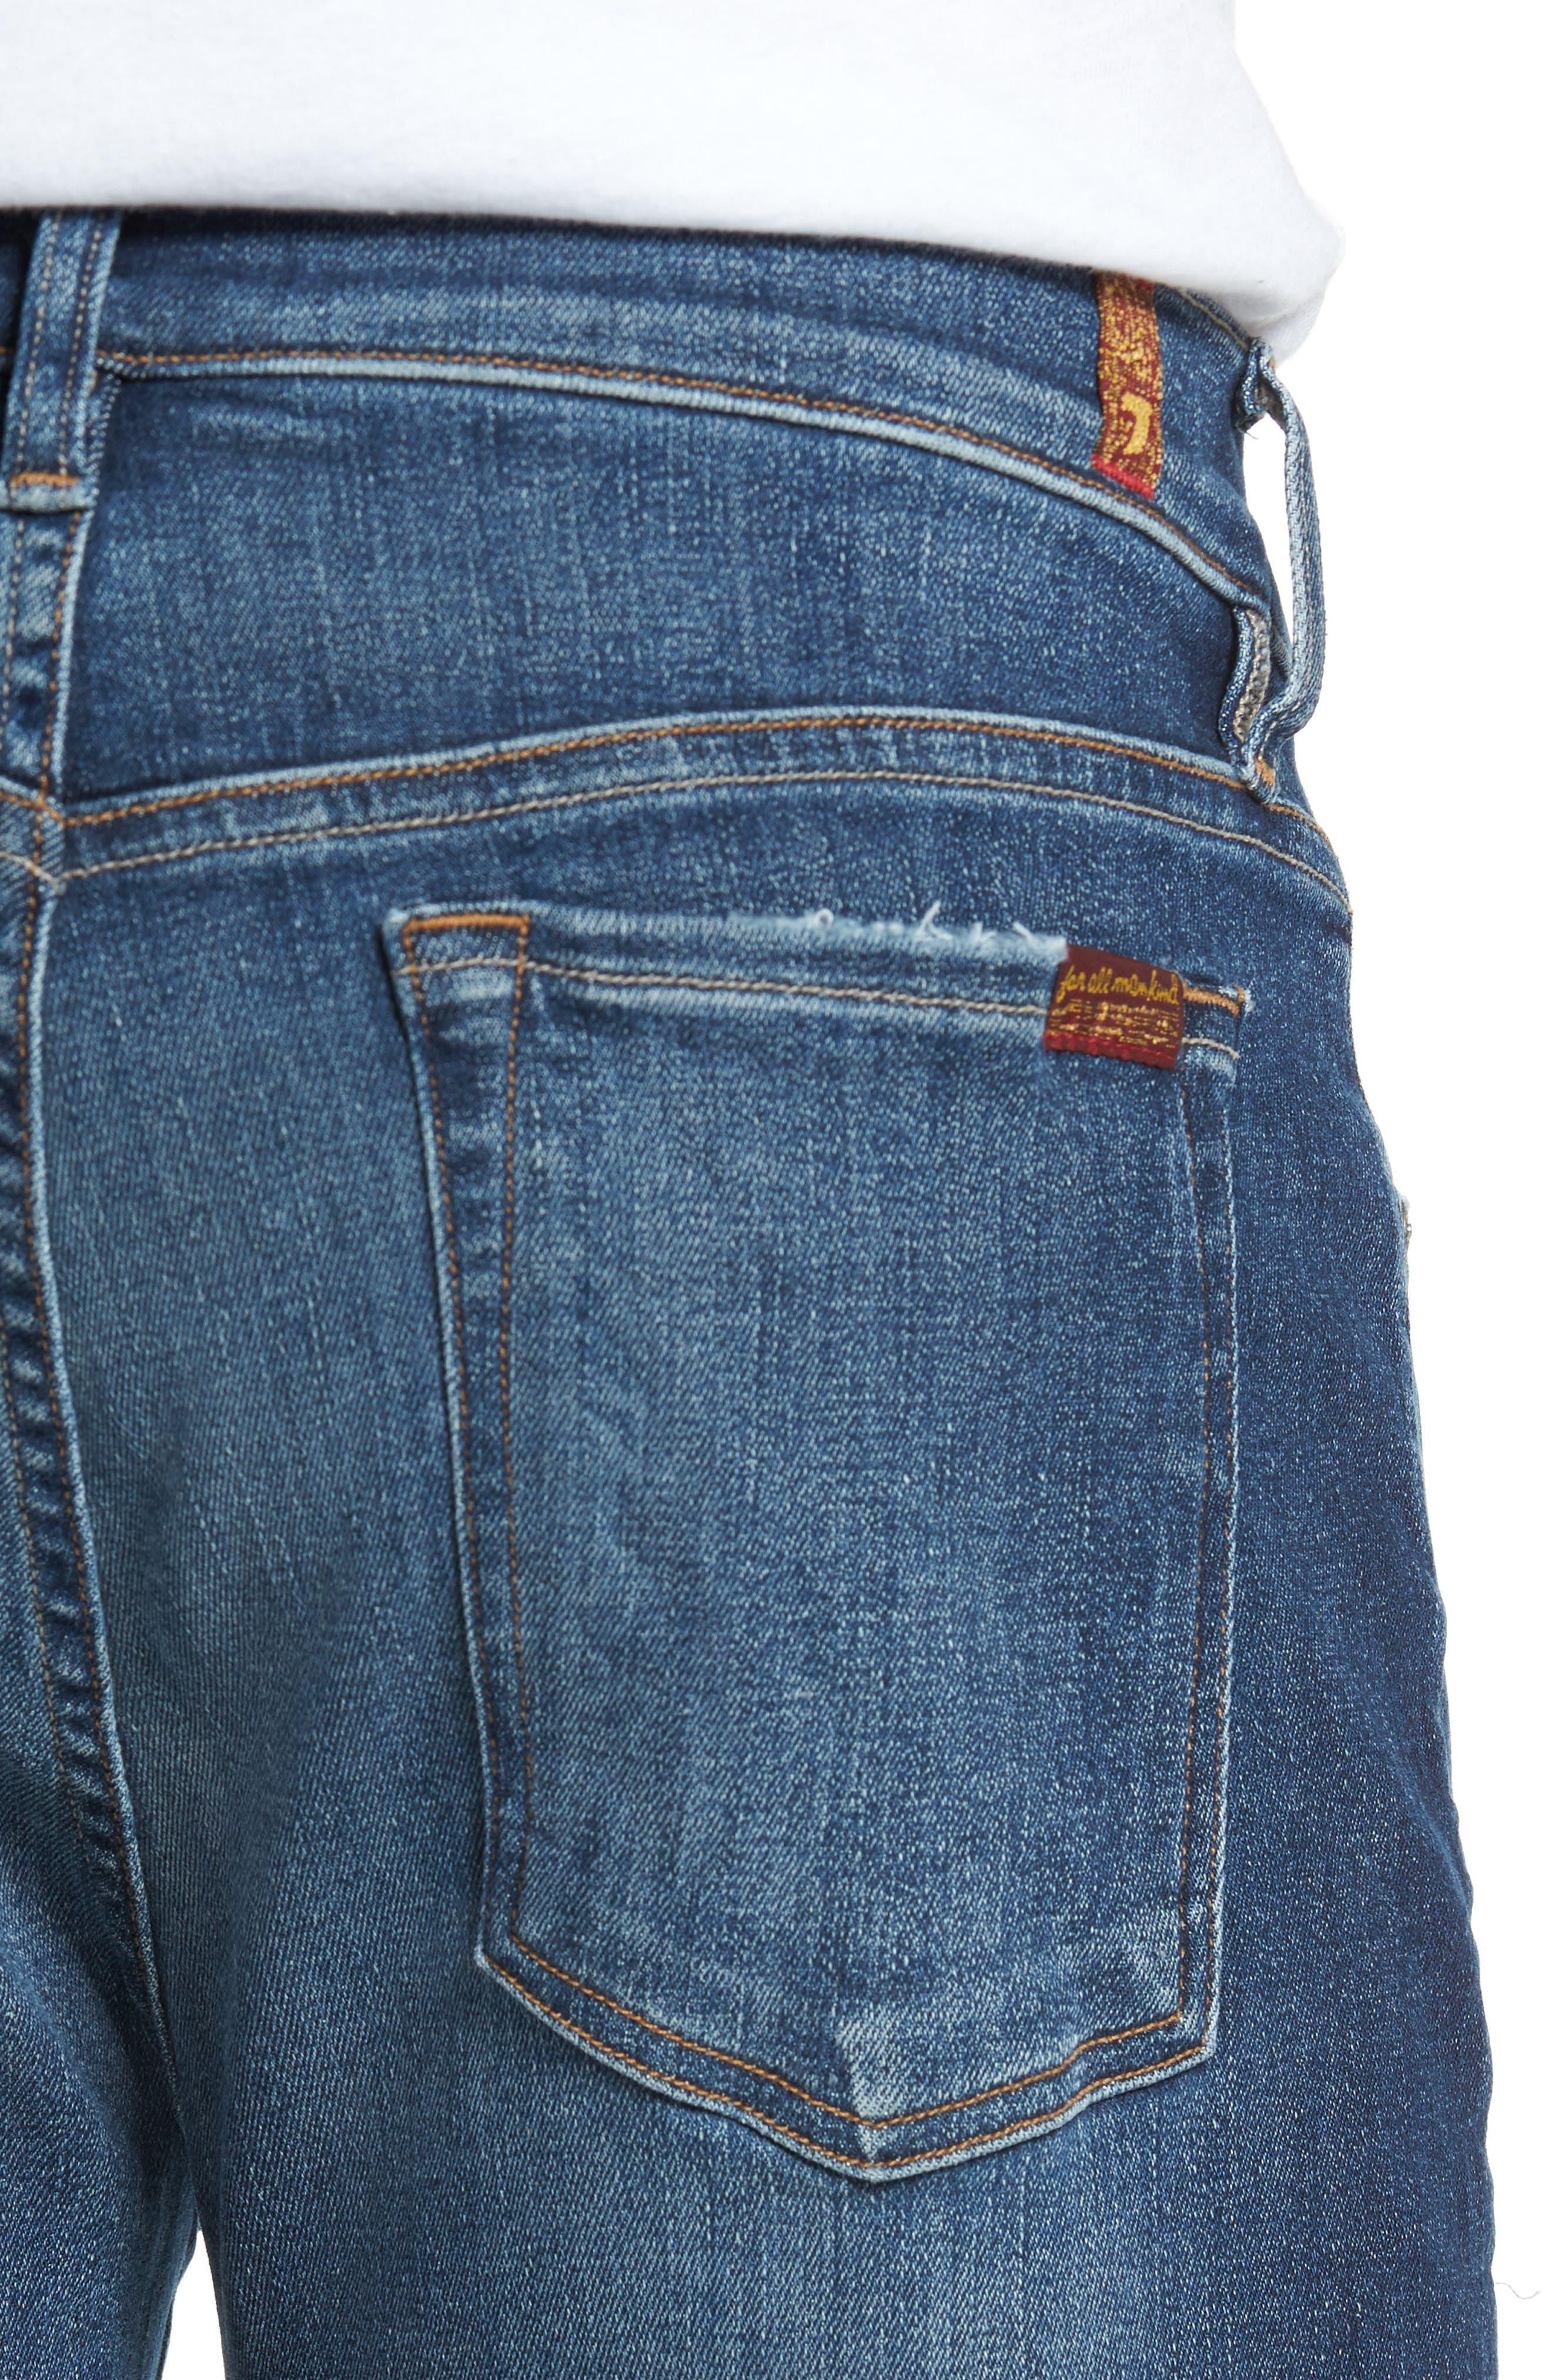 Adrien Slim Fit Jeans,                             Alternate thumbnail 4, color,                             402